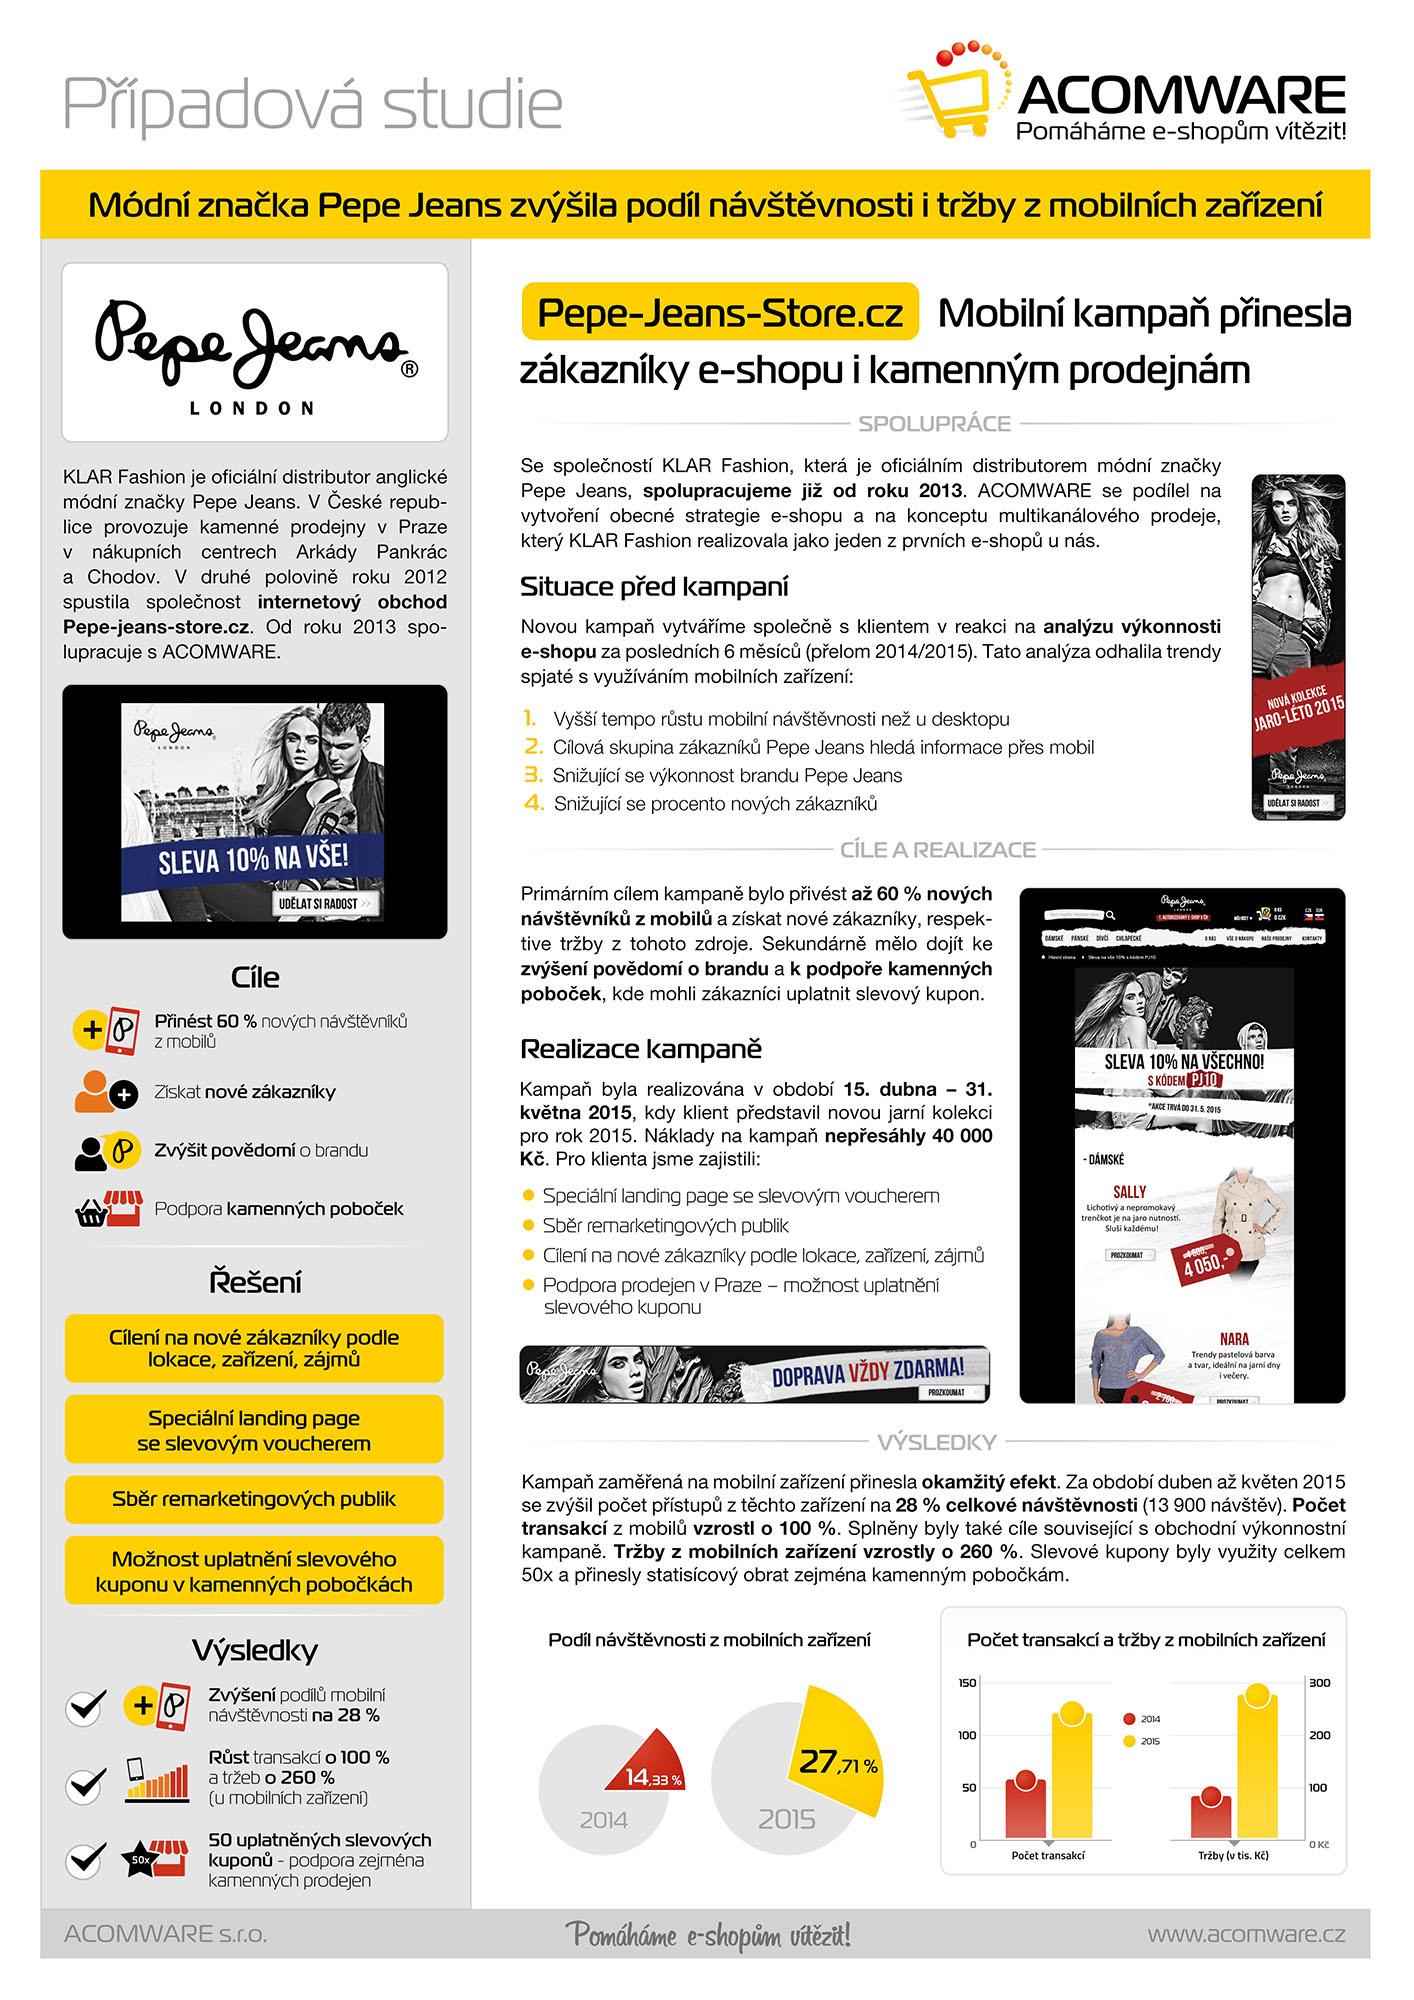 Případová studie - Case-Pepe-Jeans-2015-mobil